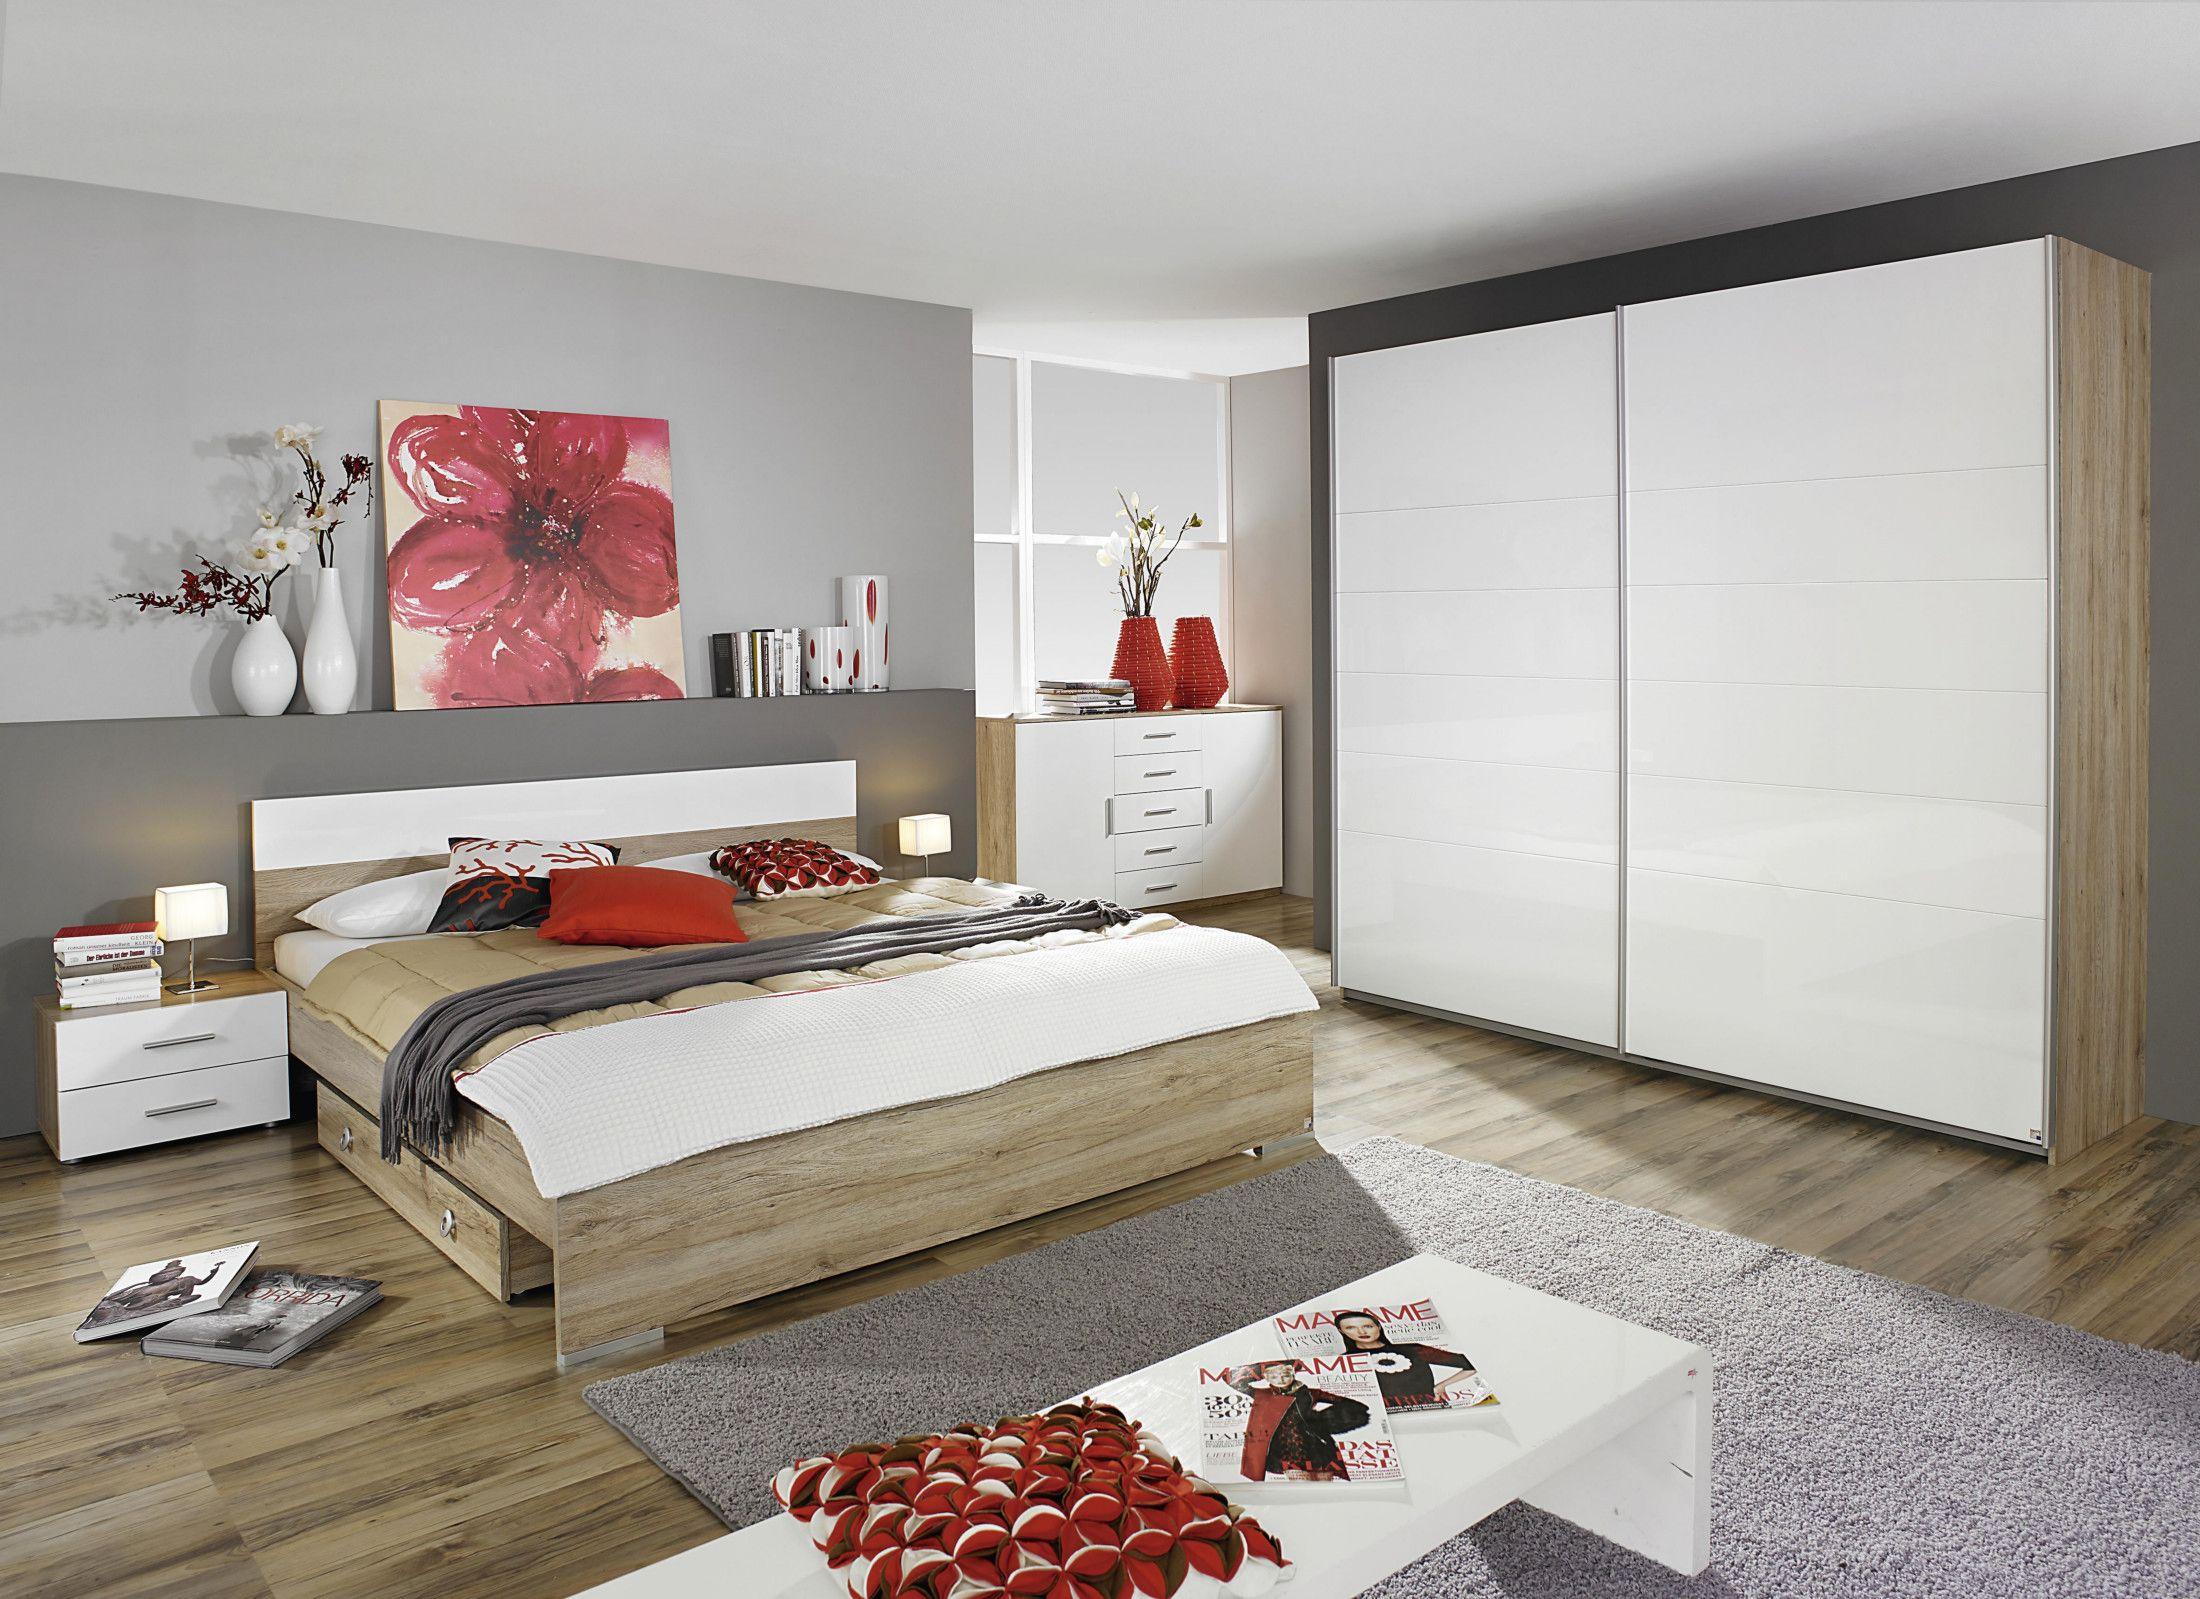 schlafzimmer set mit bett 160 x 200 cm eiche sanremo hell woody 33 01204 modern jetzt bestellen unter - Schlafzimmer Set Modern